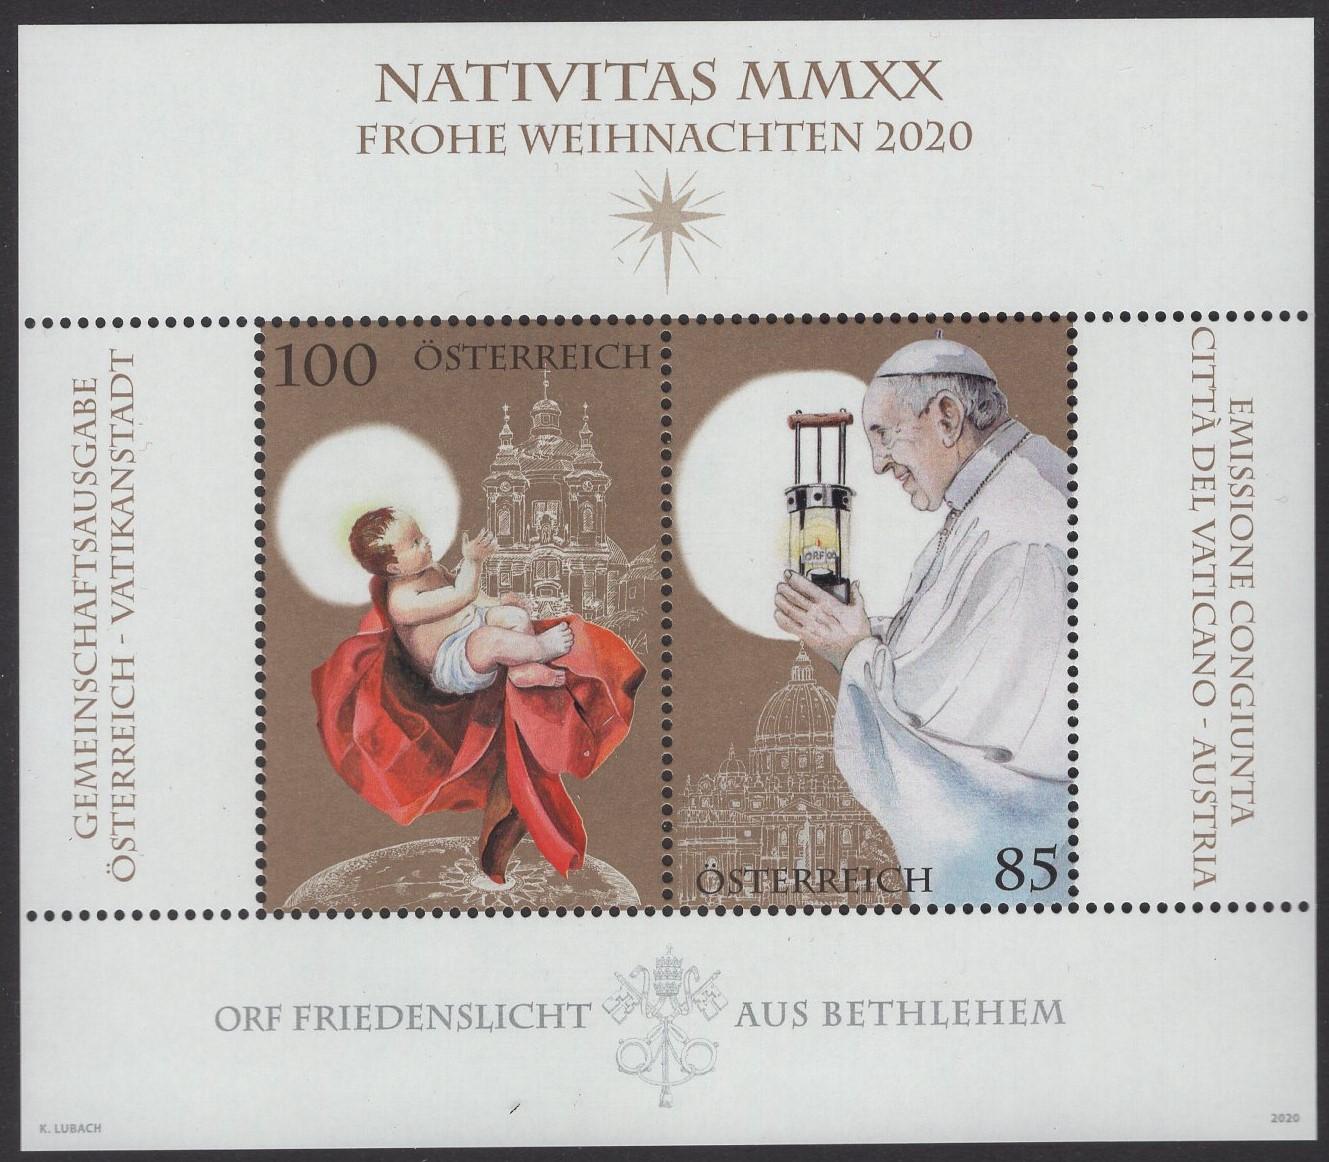 Österreich - Block 120 - postfrisch - Weihnachten 2020